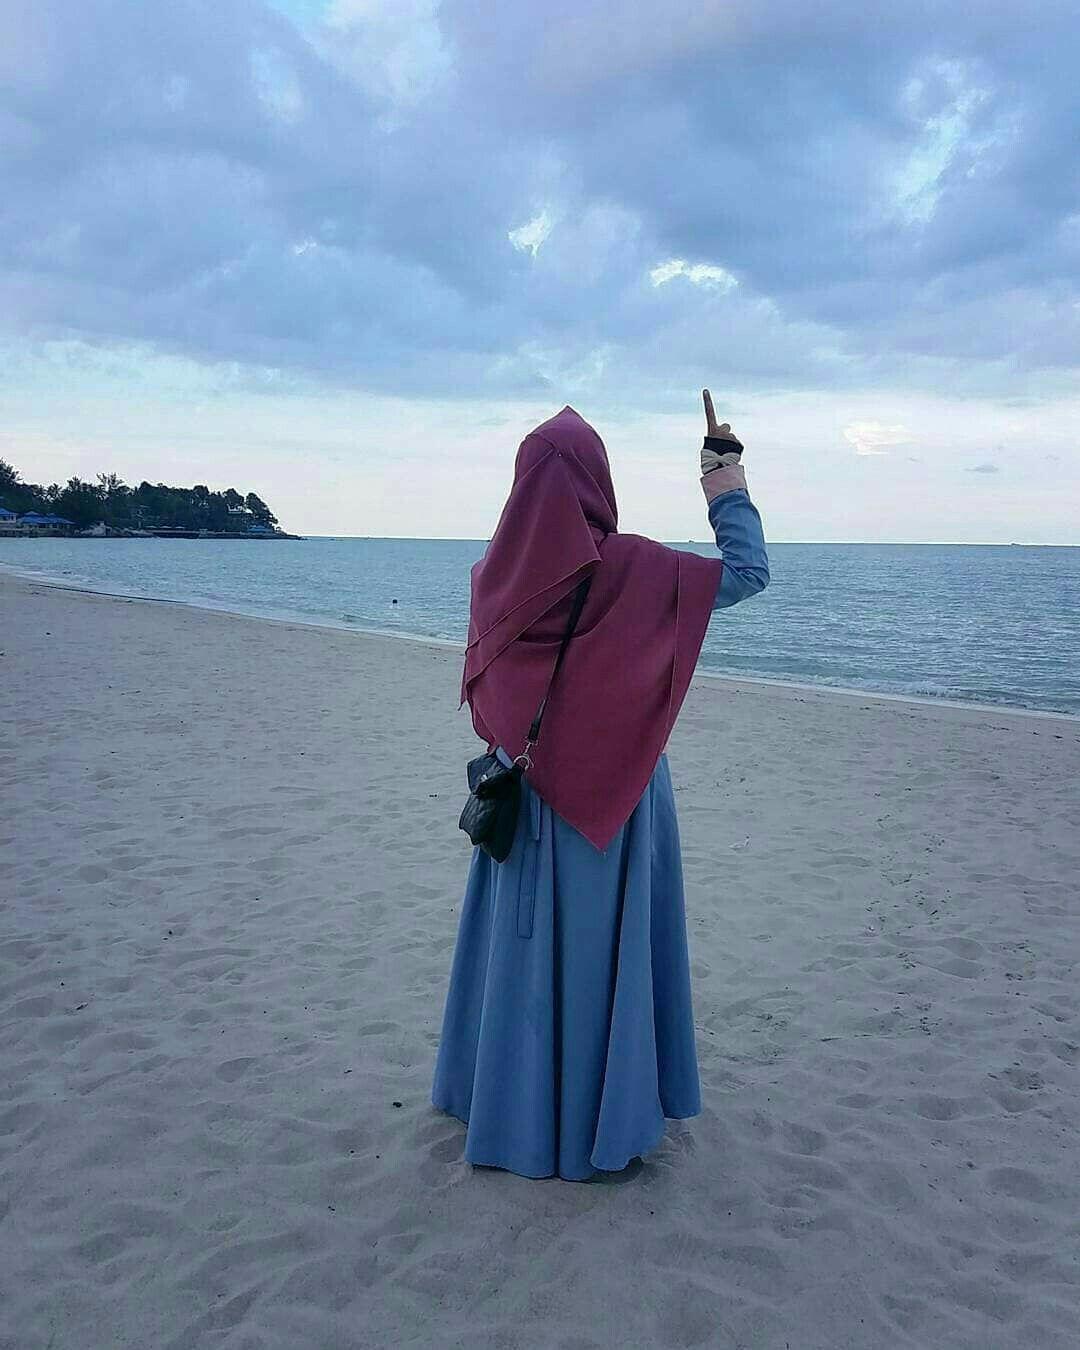 Pin oleh Shiza khan di A_Míx_dpzz Gaya hijab, Model